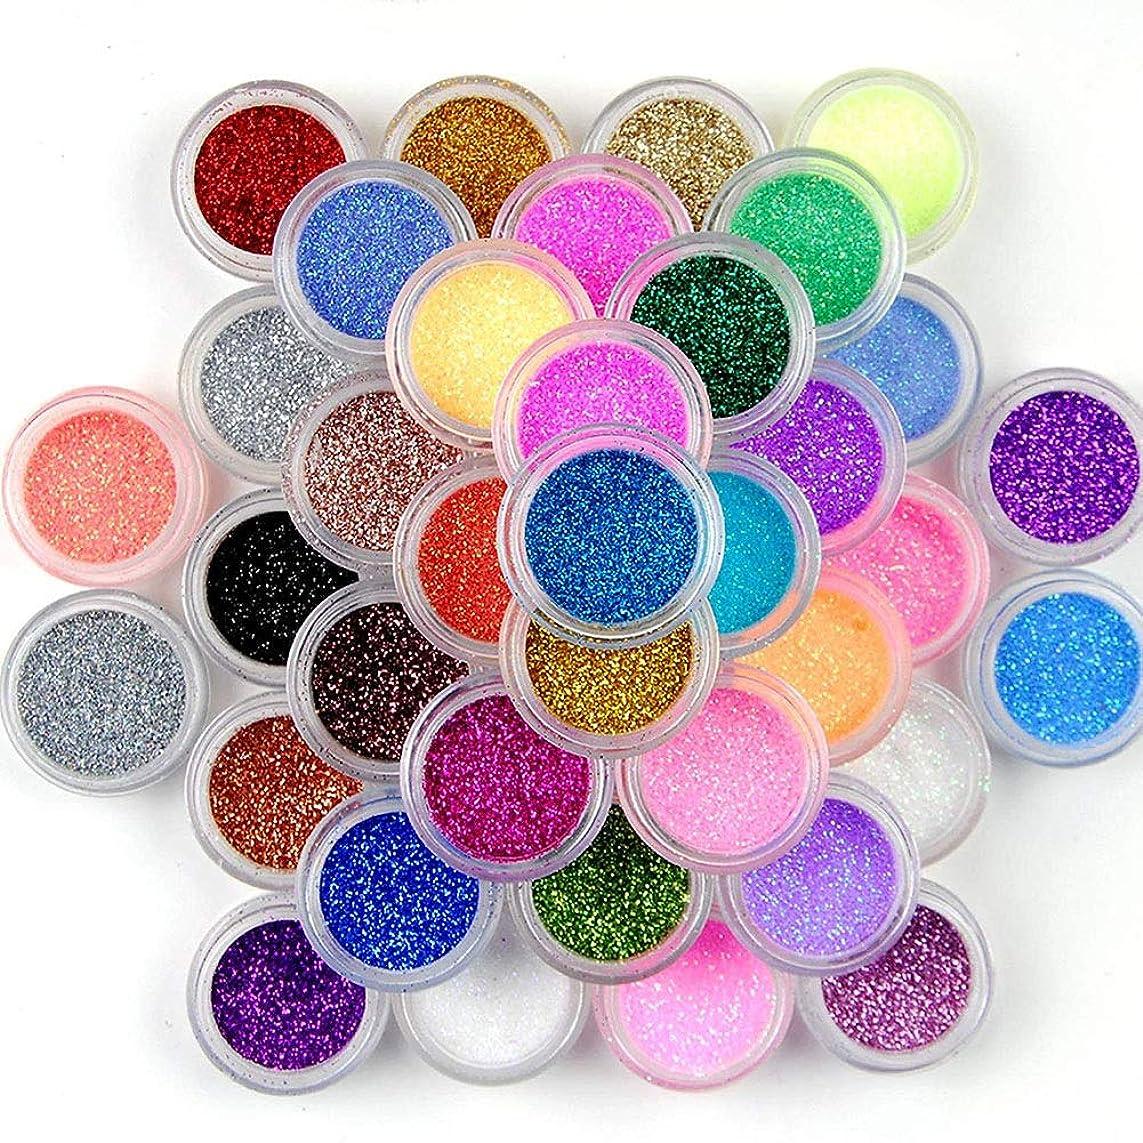 ラベル近々に対して45色グリッターネイルスパンコールパウダー、ネイルアートパウダーデコレーションカラーグリッターネイルパレットネイルズ顔料DIYデコレーションキット